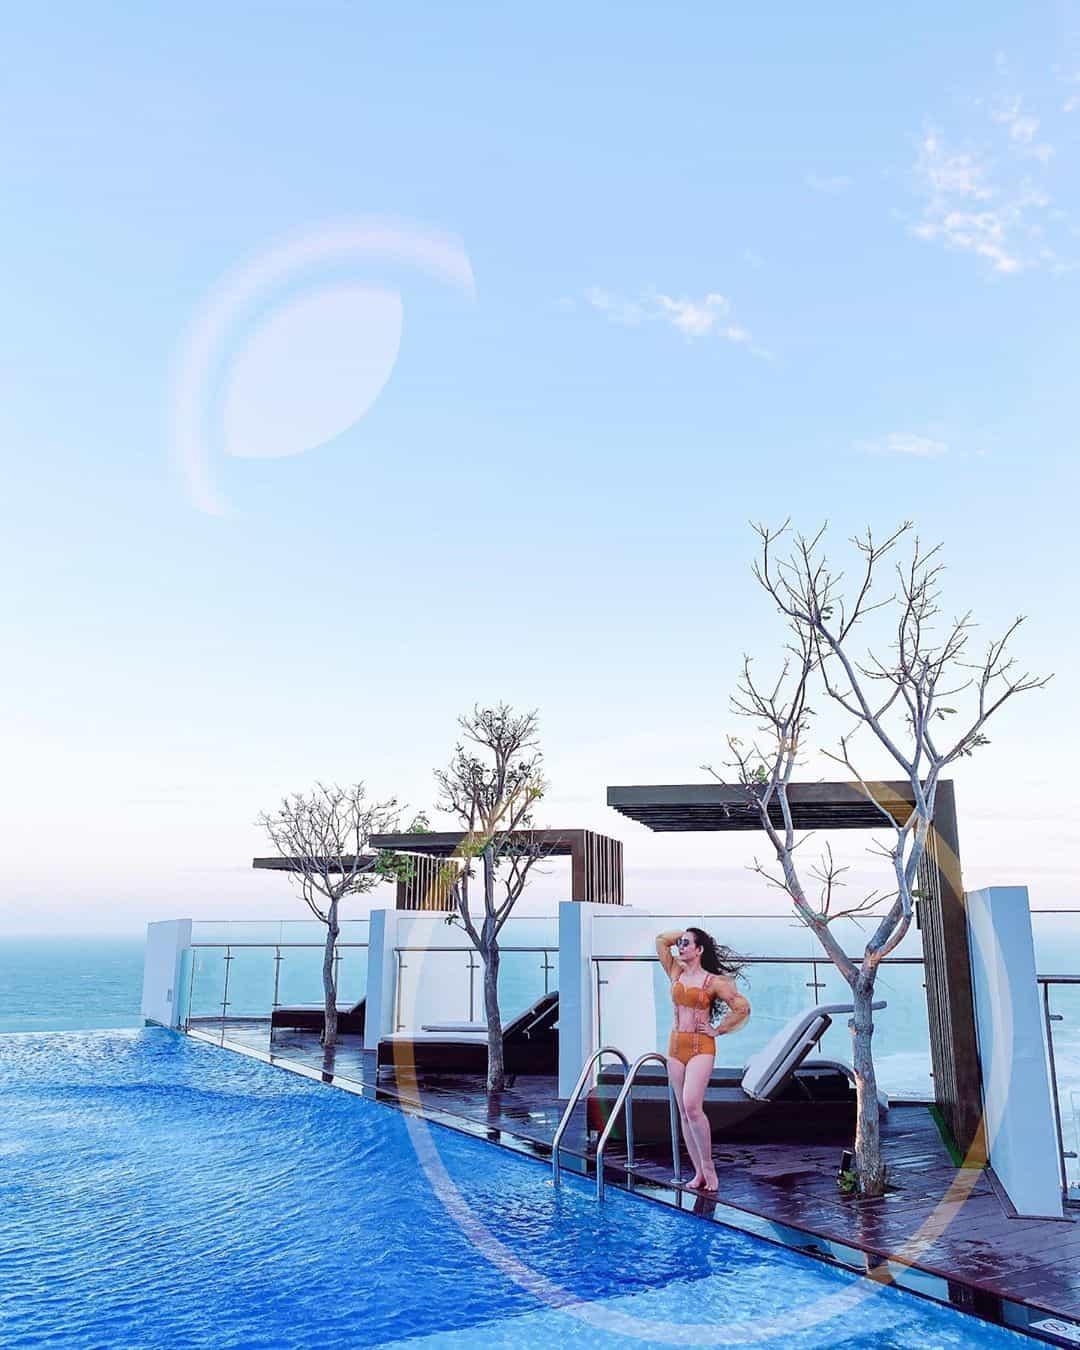 Bể bơi ngoài trời được thiết kế hiện đại. Hình: @song.nhi.146